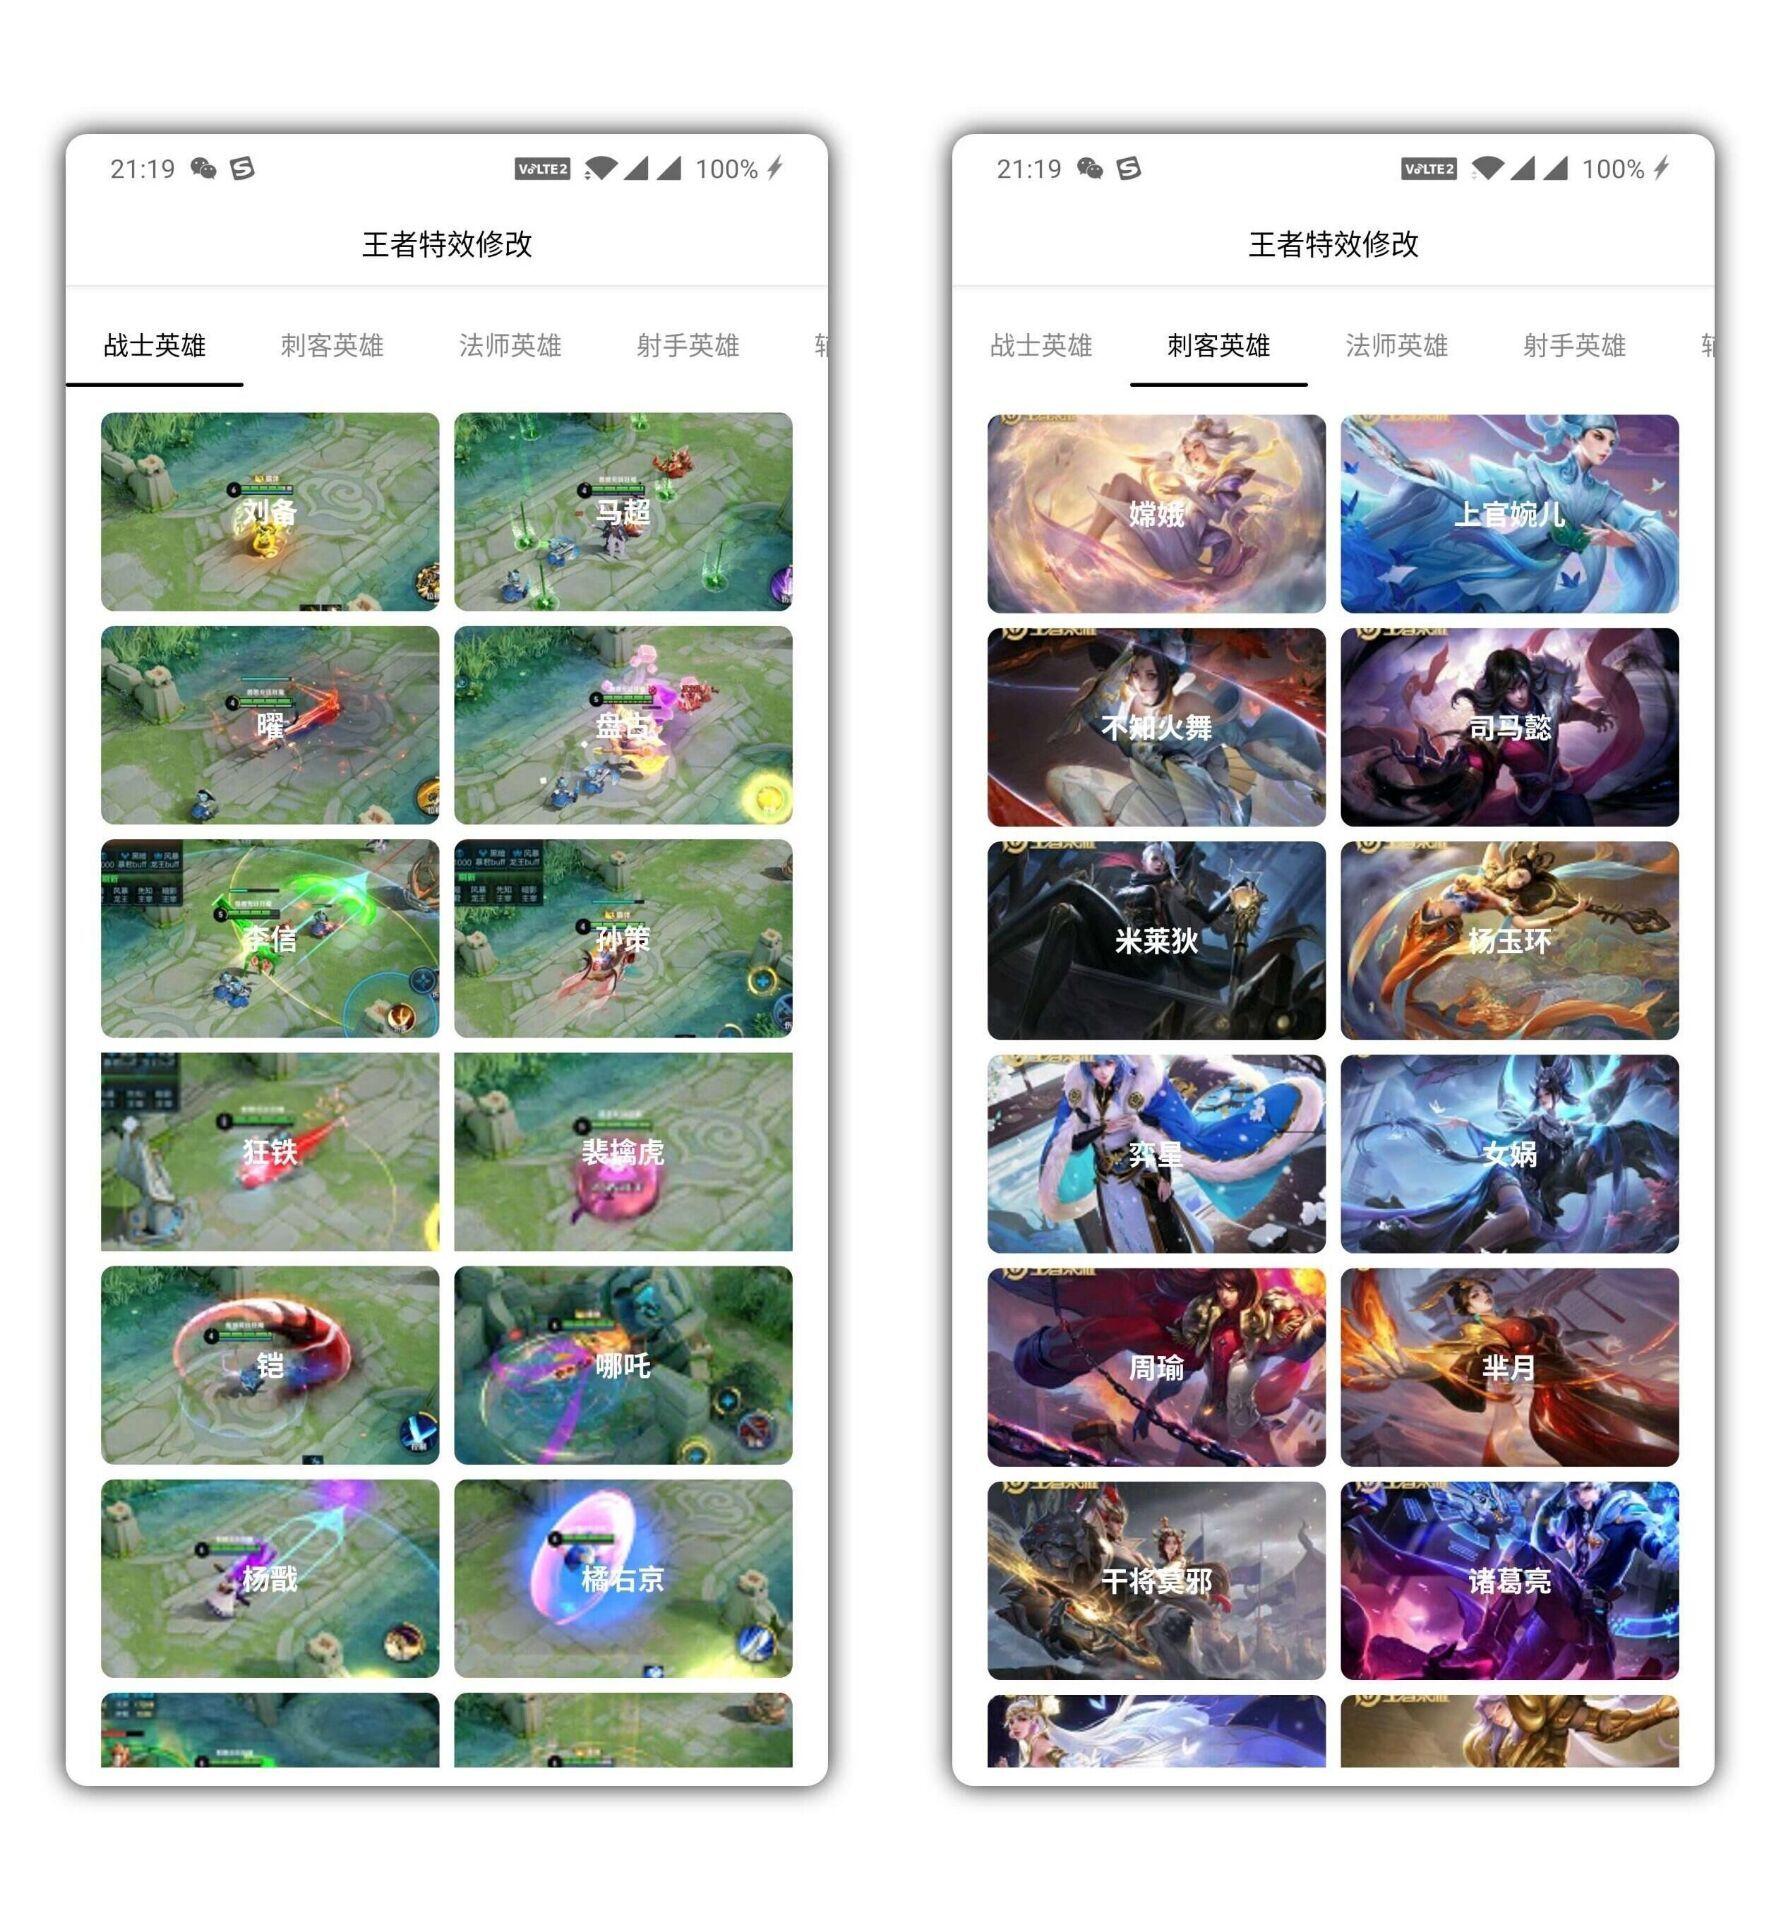 王者荣耀特效美化v2.0最新特效美化战斗手感更佳